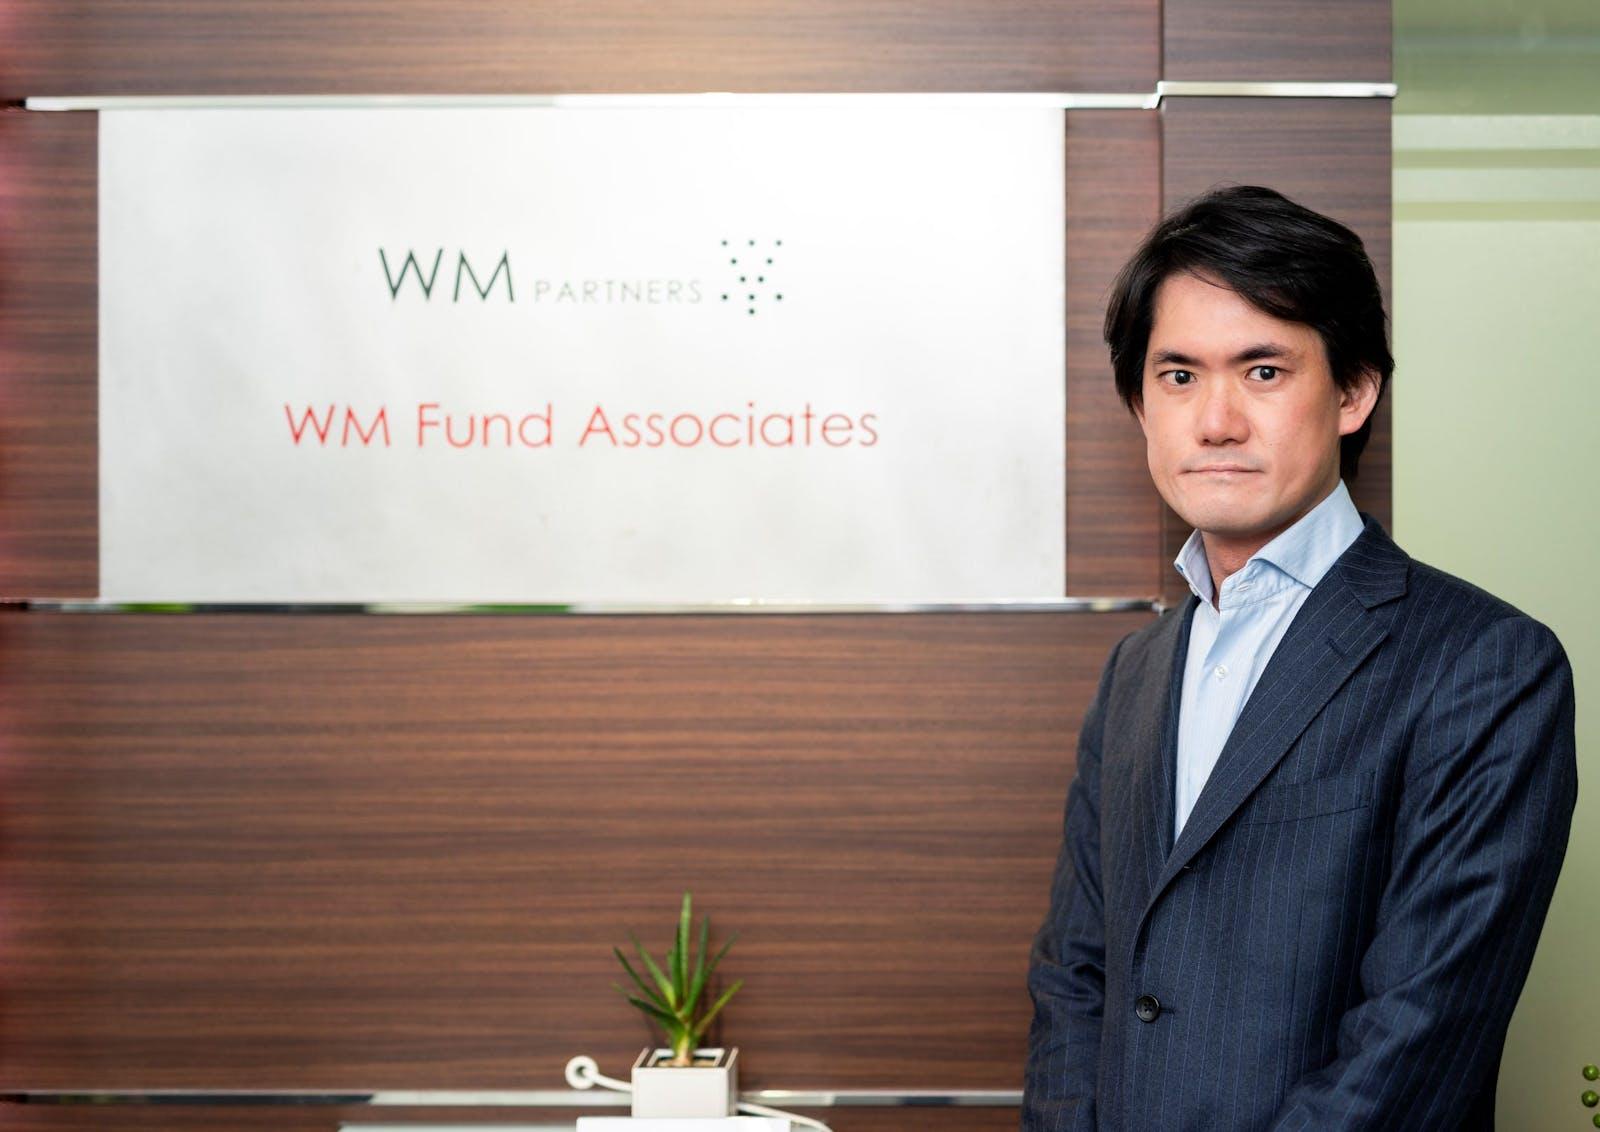 WMパートナーズ株式会社のアイキャッチ画像